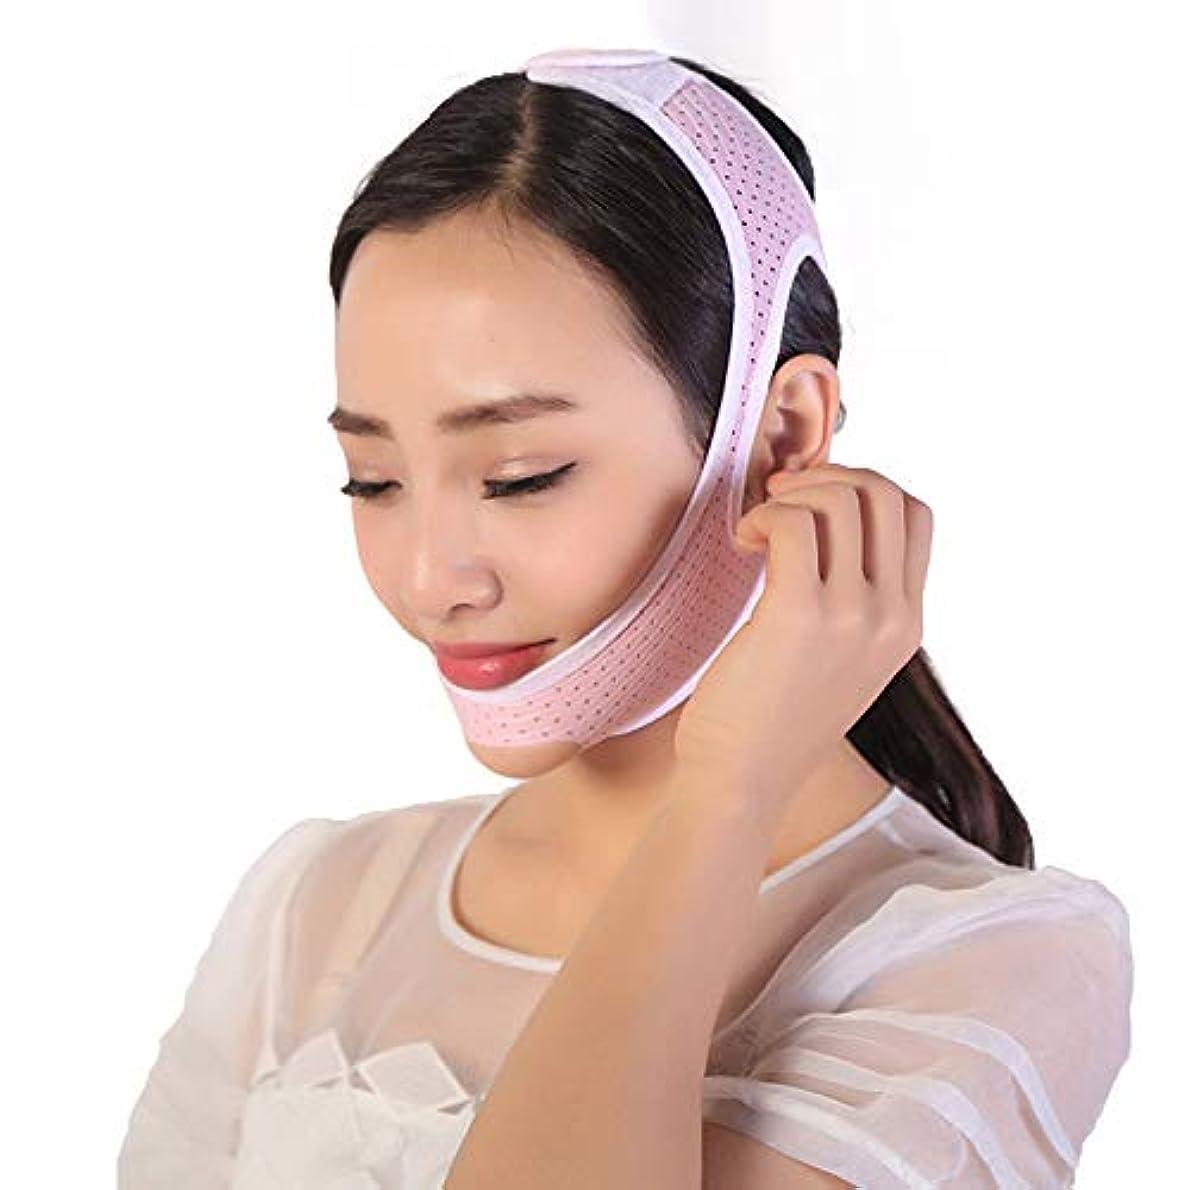 彼は新鮮な価格Jia Jia- フェイシャルリフティングスリミングベルト - 薄型フェイス包帯ダブルチンデバイスフェイシャルマッサージアンチエイジングリンクルフェイスマスクベルト 顔面包帯 (サイズ さいず : L l)